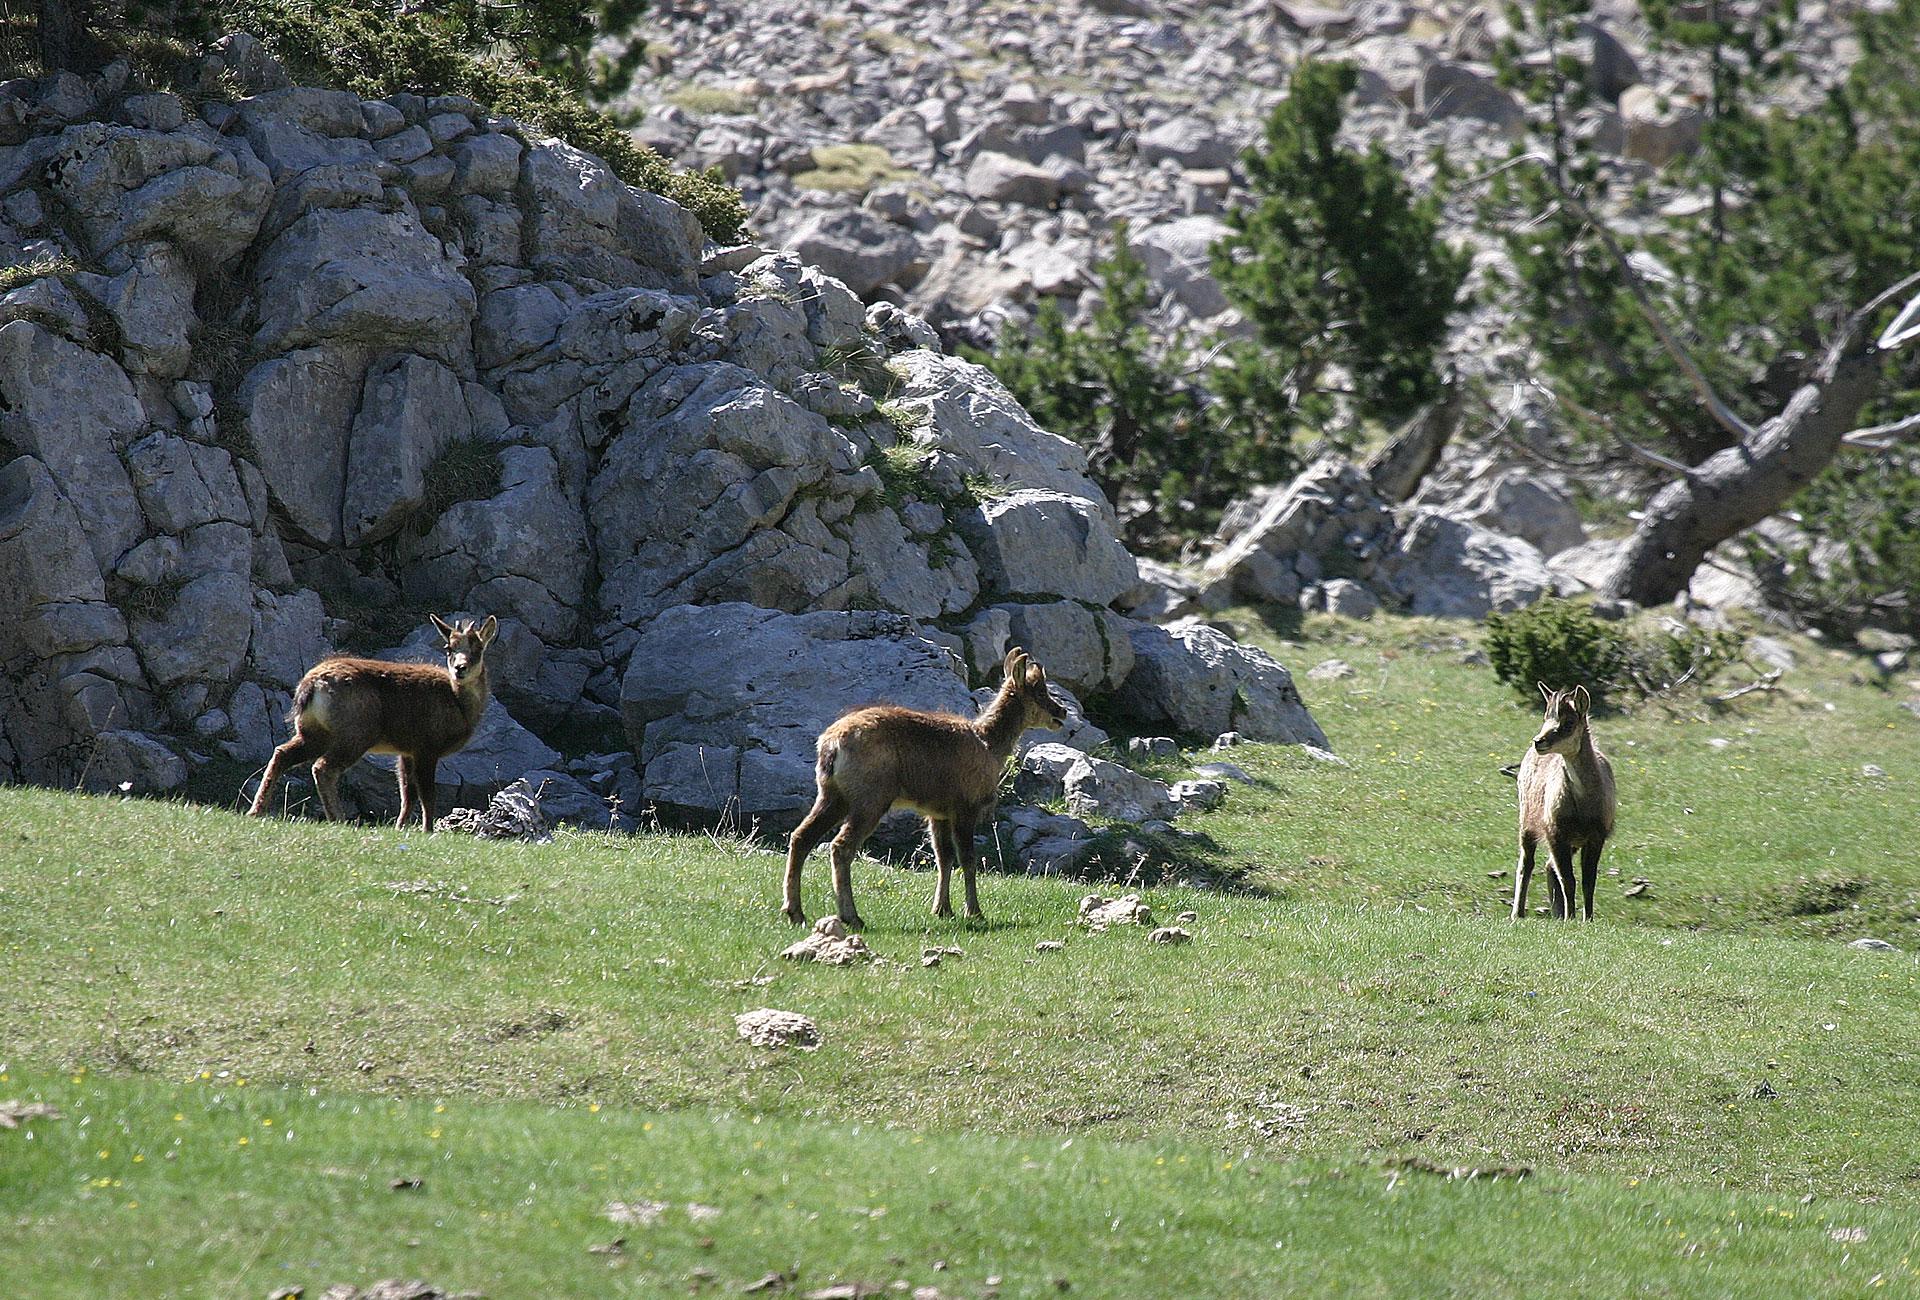 Turismo rural y de aventura en la naturaleza, hotel con encanto en Huesca, escapada para dos, rural tourism and adventure in nature, rural hotel with charm in pyrenees, romantic getaway